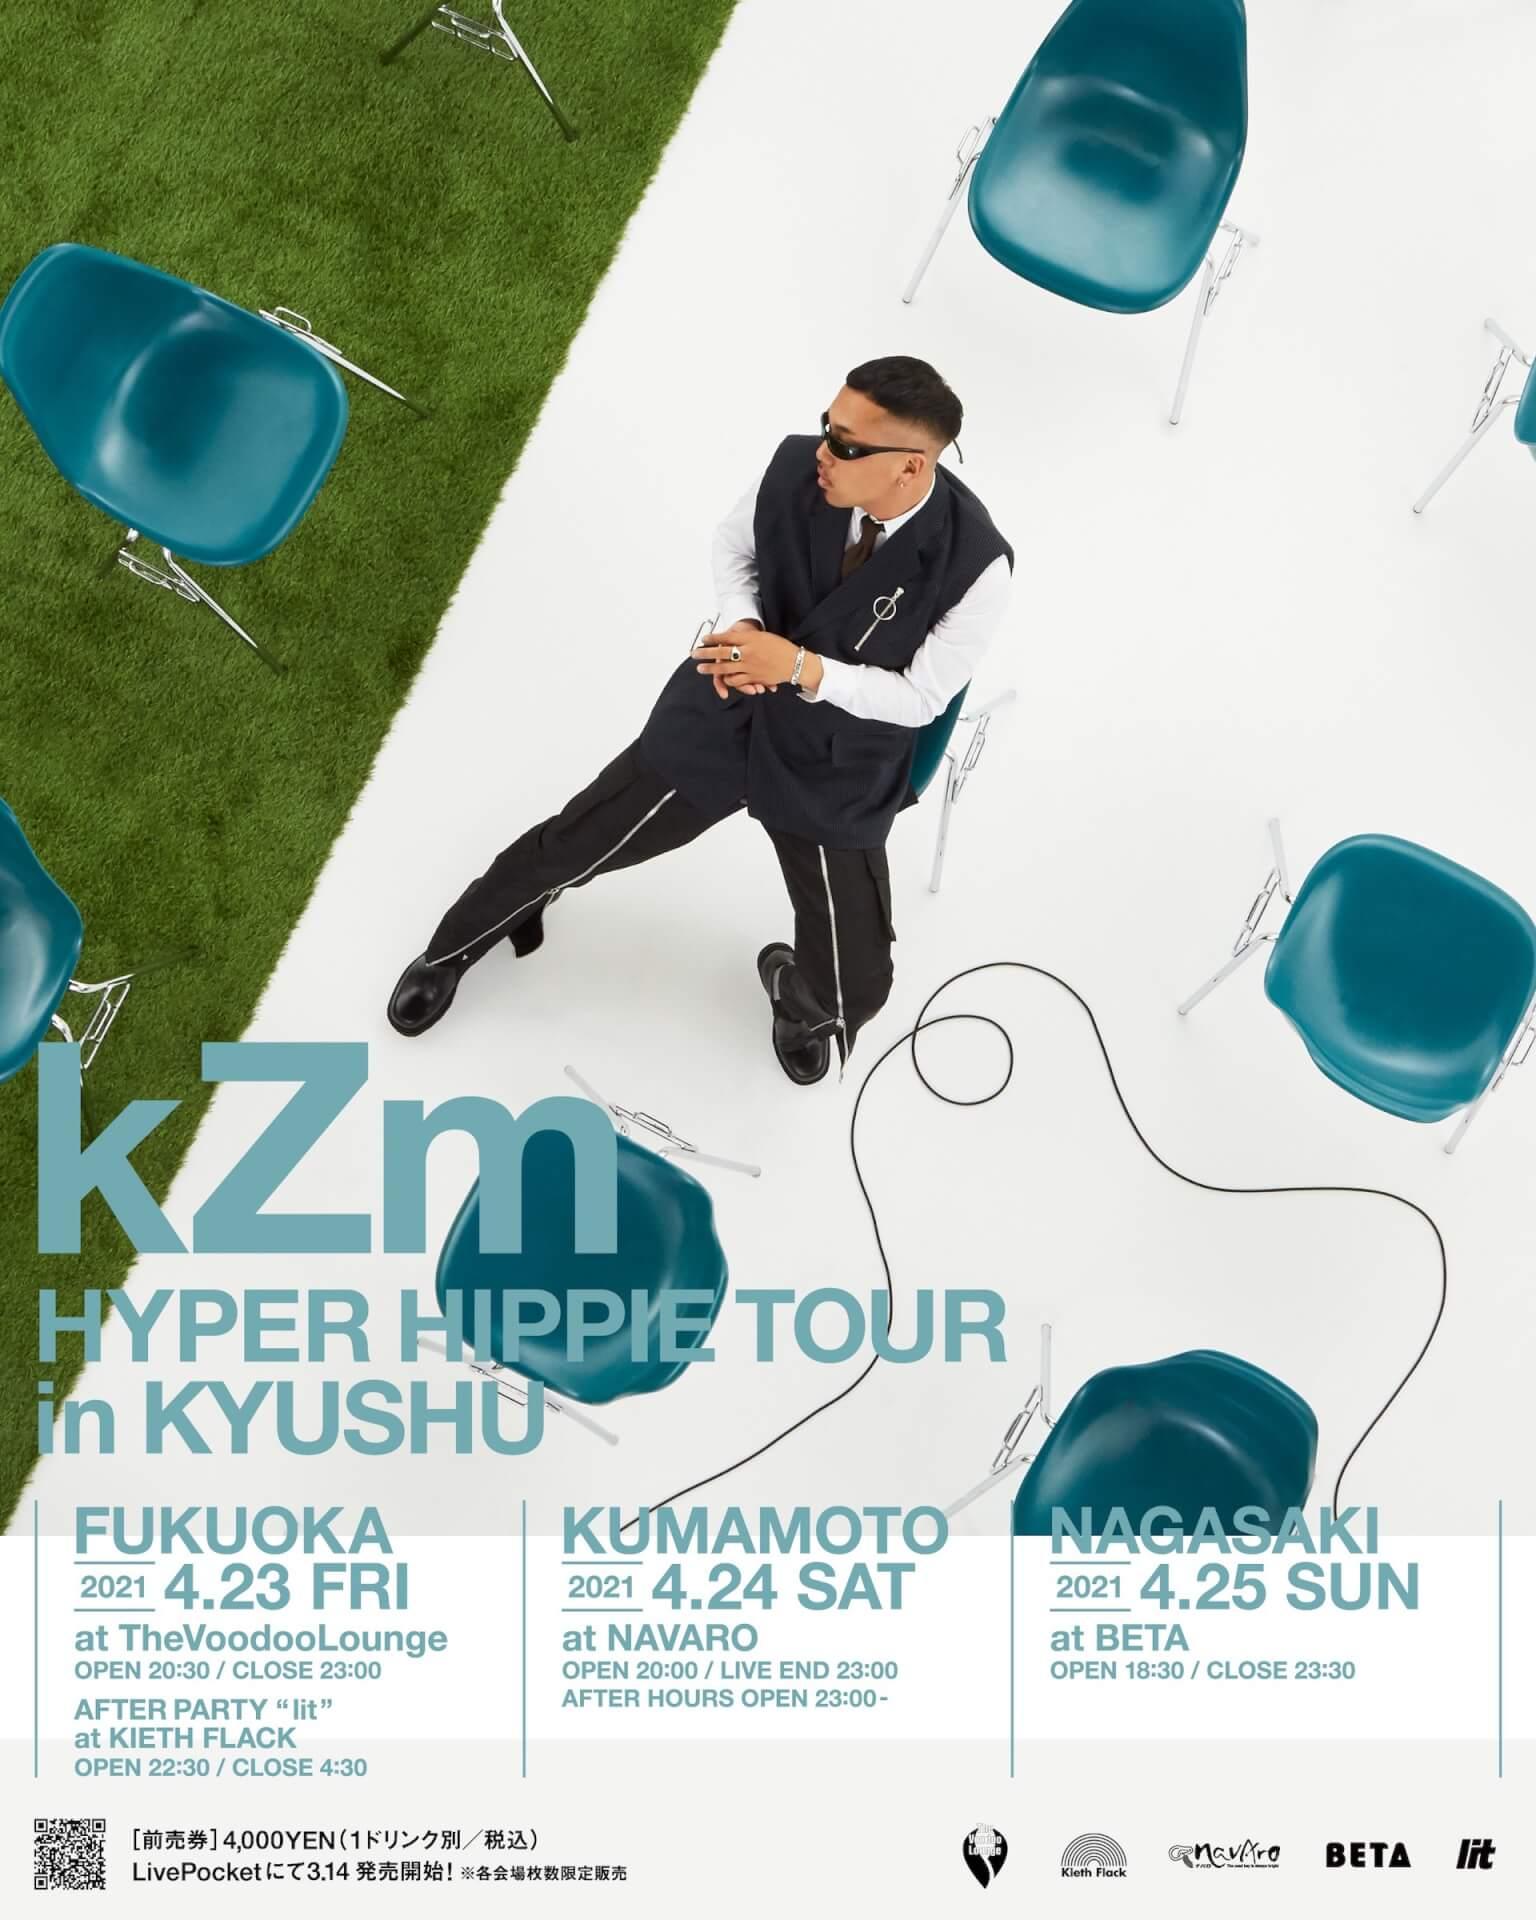 YENTOWNのアーティスト/ラッパー・kZmのクラブツアーが開催決定! music210416_kzm_3